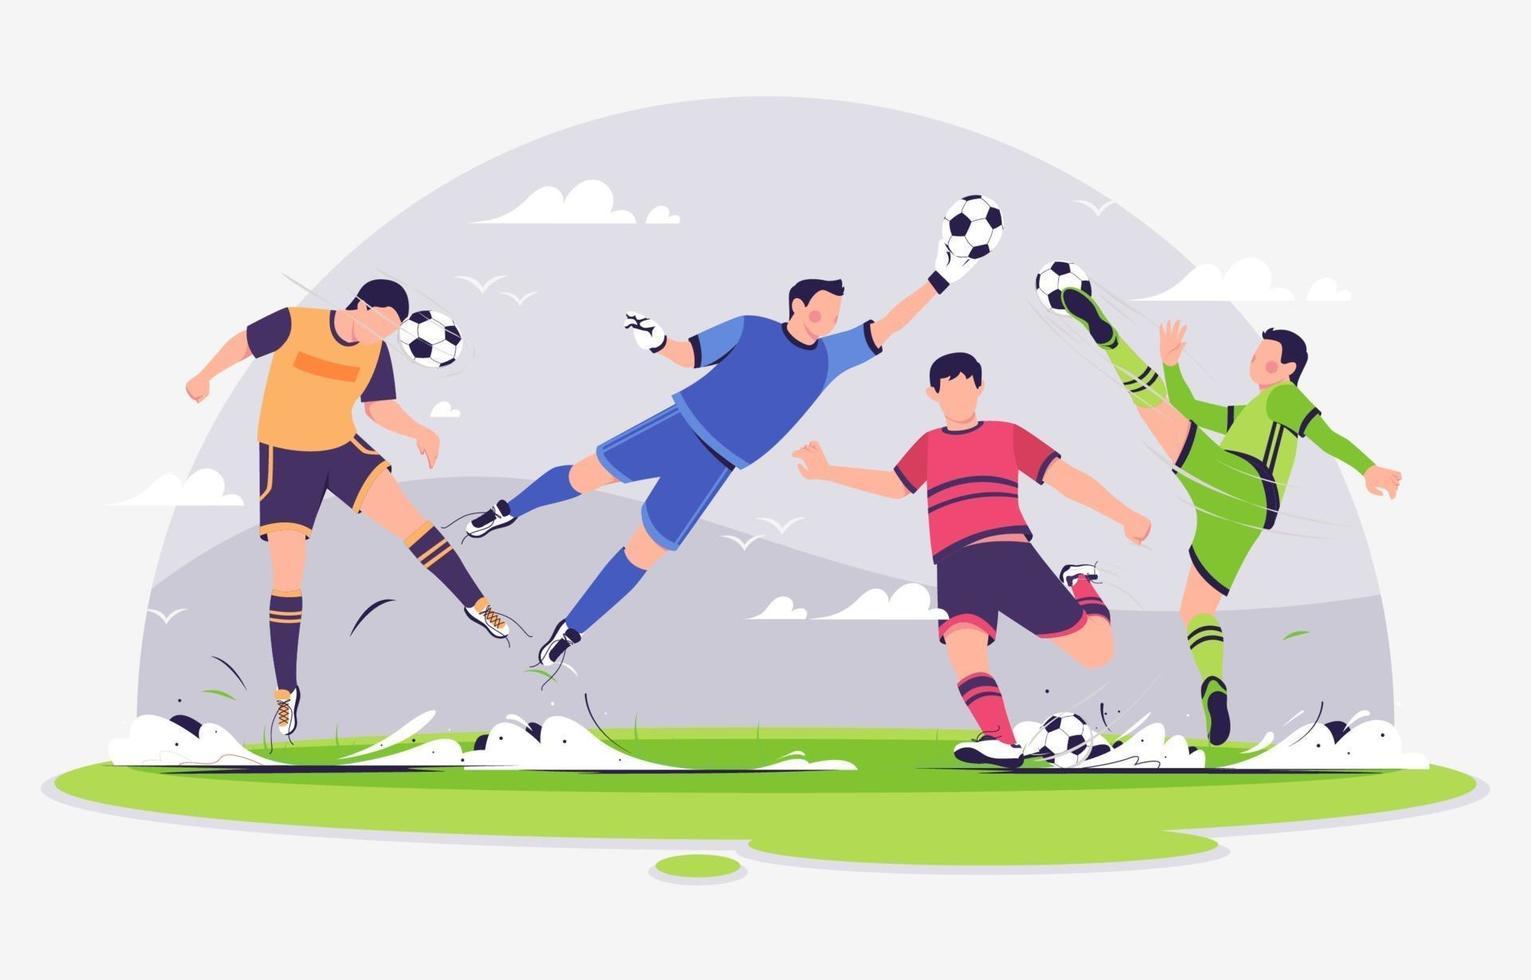 personaje de jugador de fútbol vector